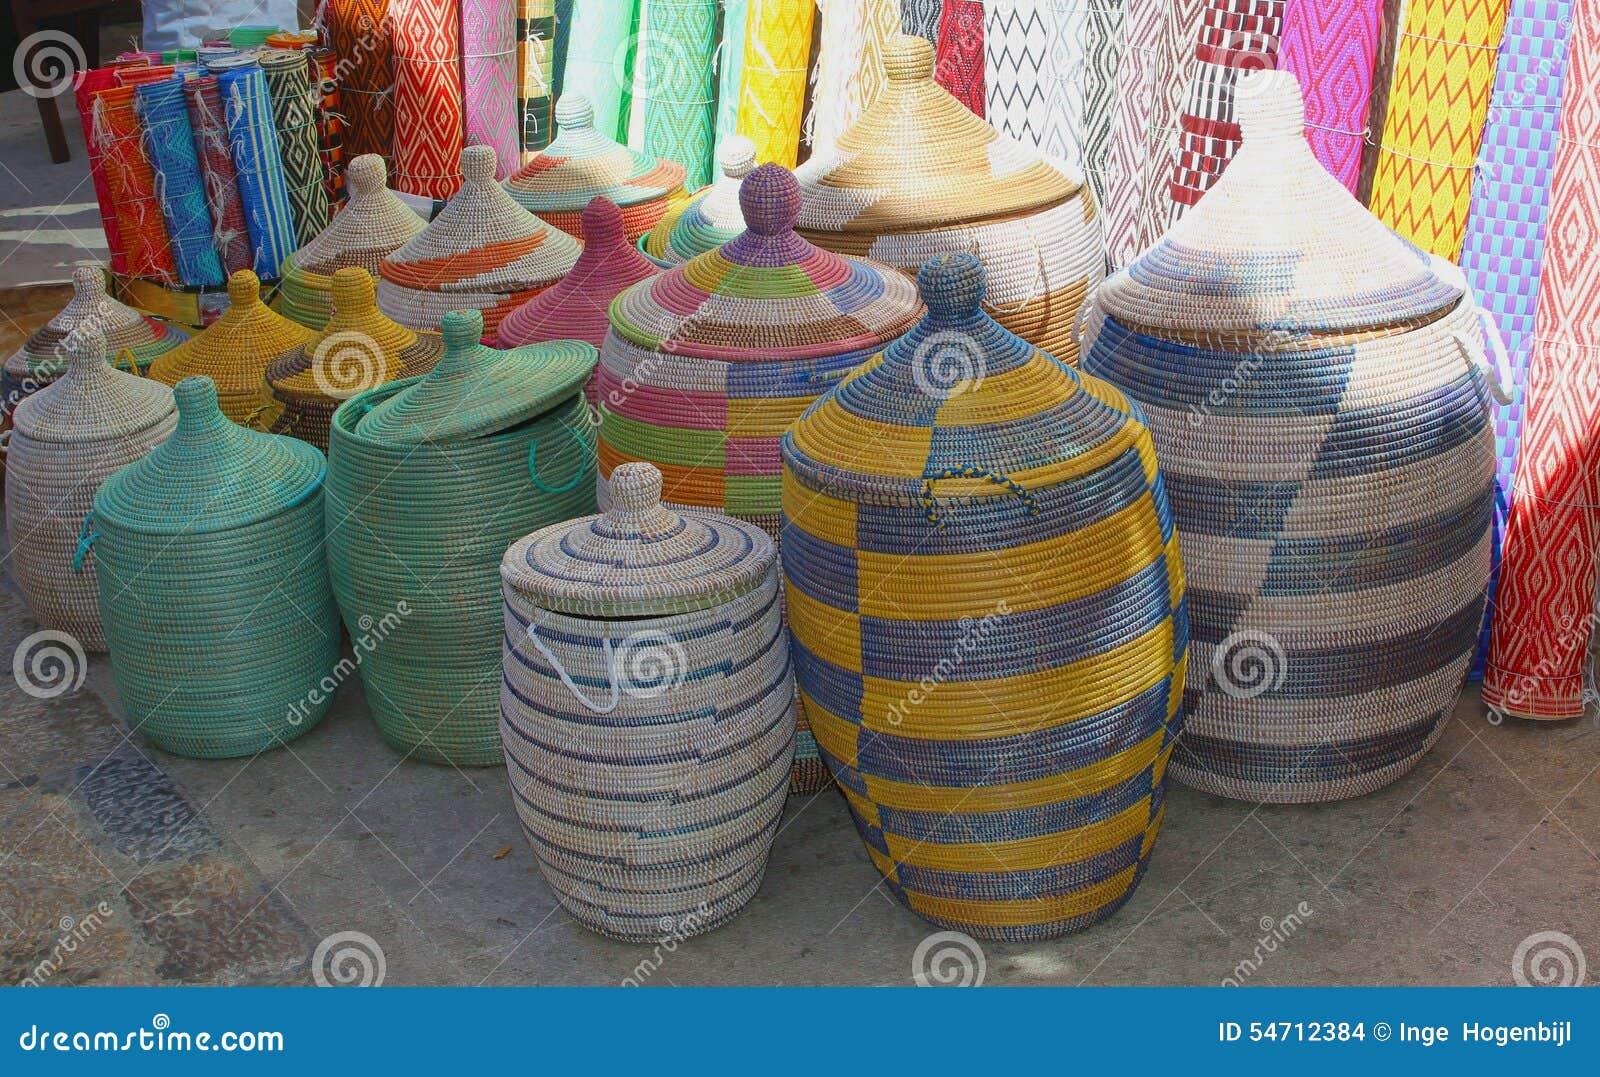 Cestas de mimbre decorativas para la venta en mallorca - Cestas decorativas ...